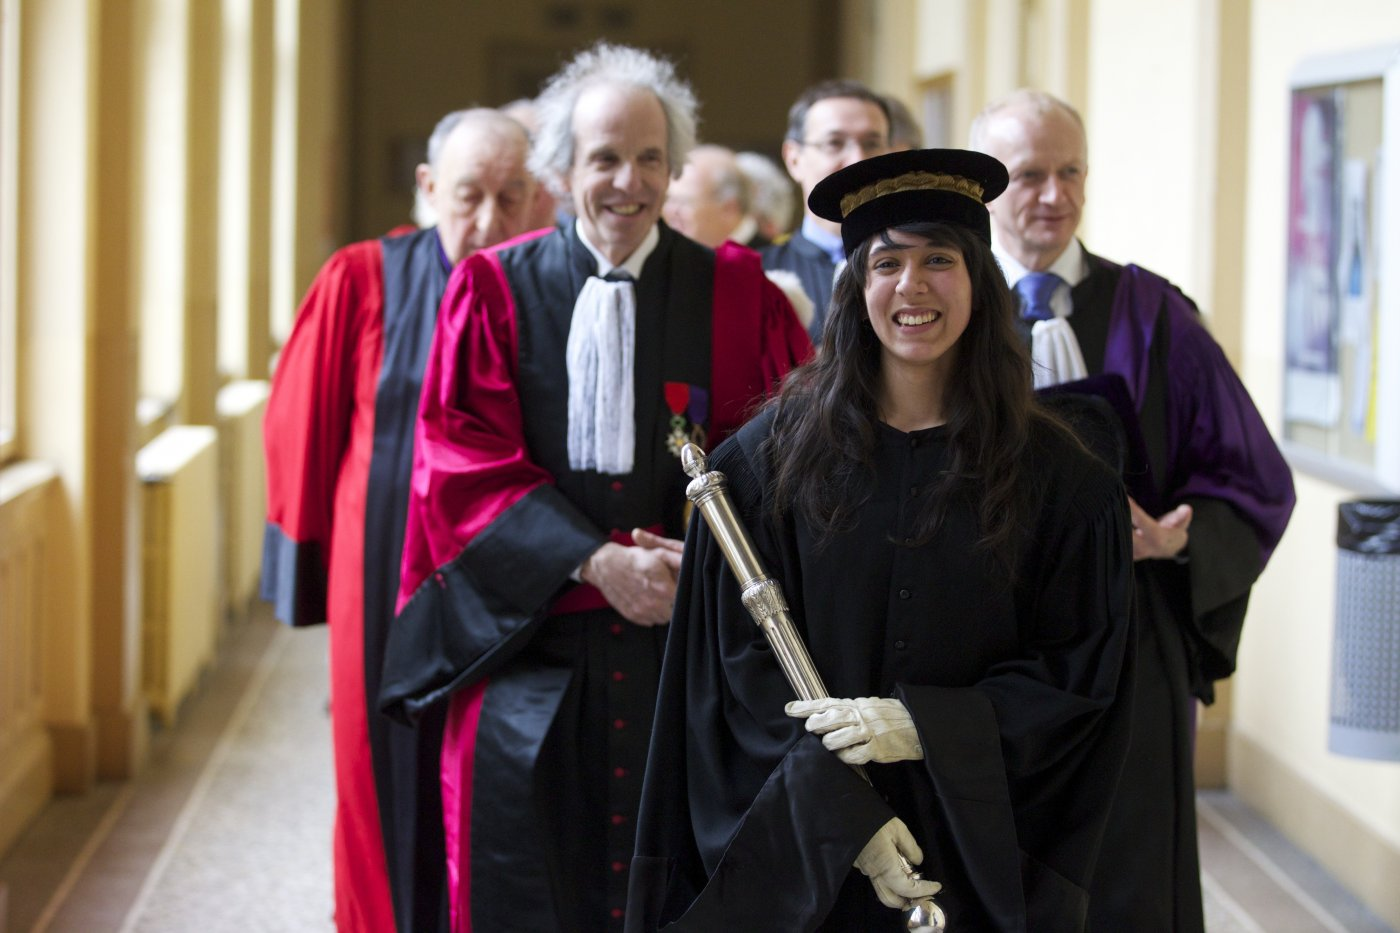 ceremonie-de-remise-des-doctorats